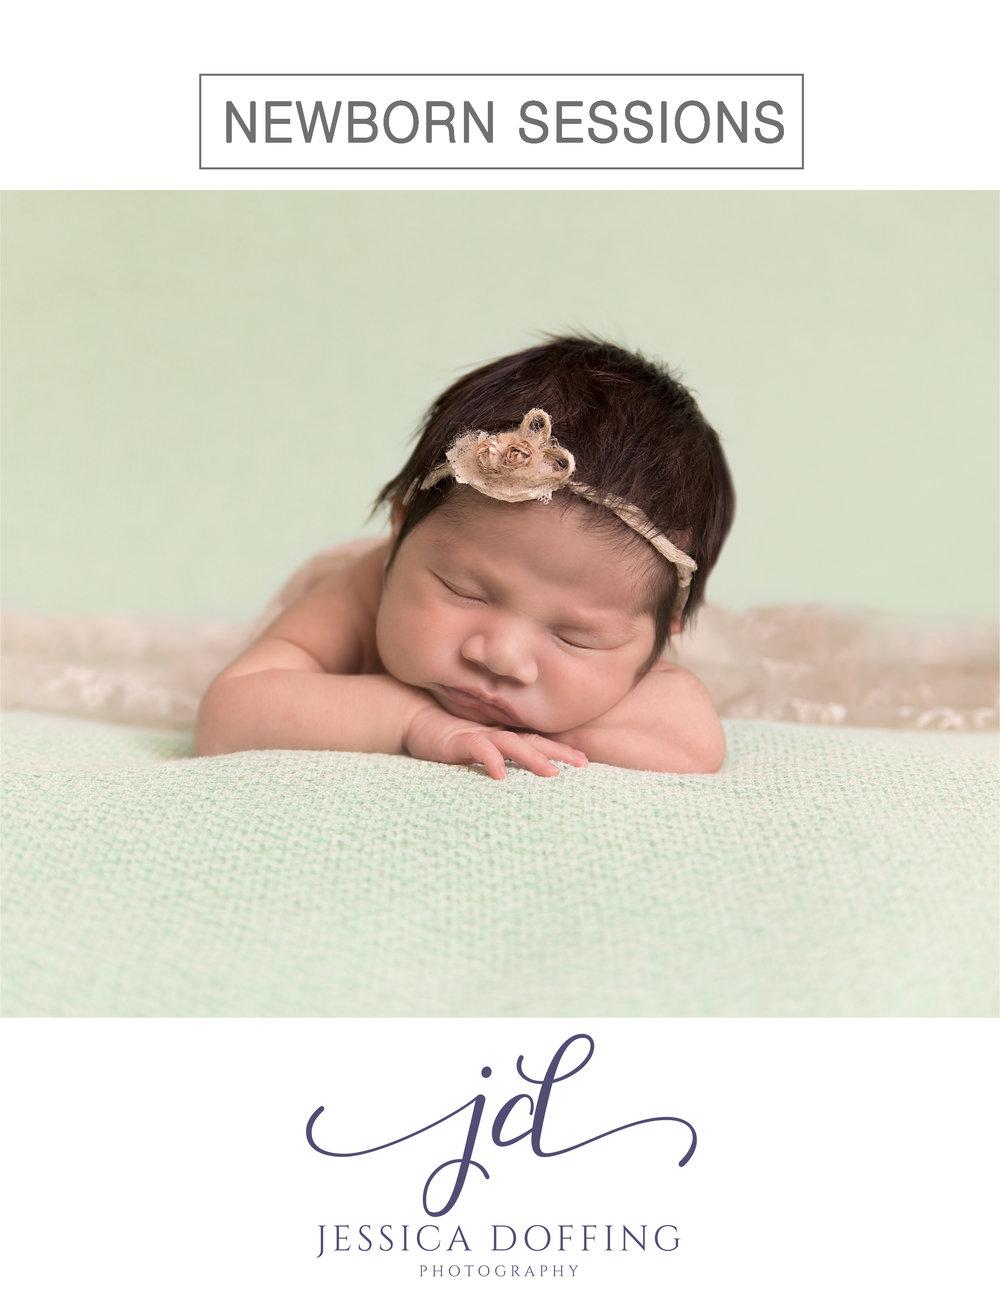 Newborn guide page 1